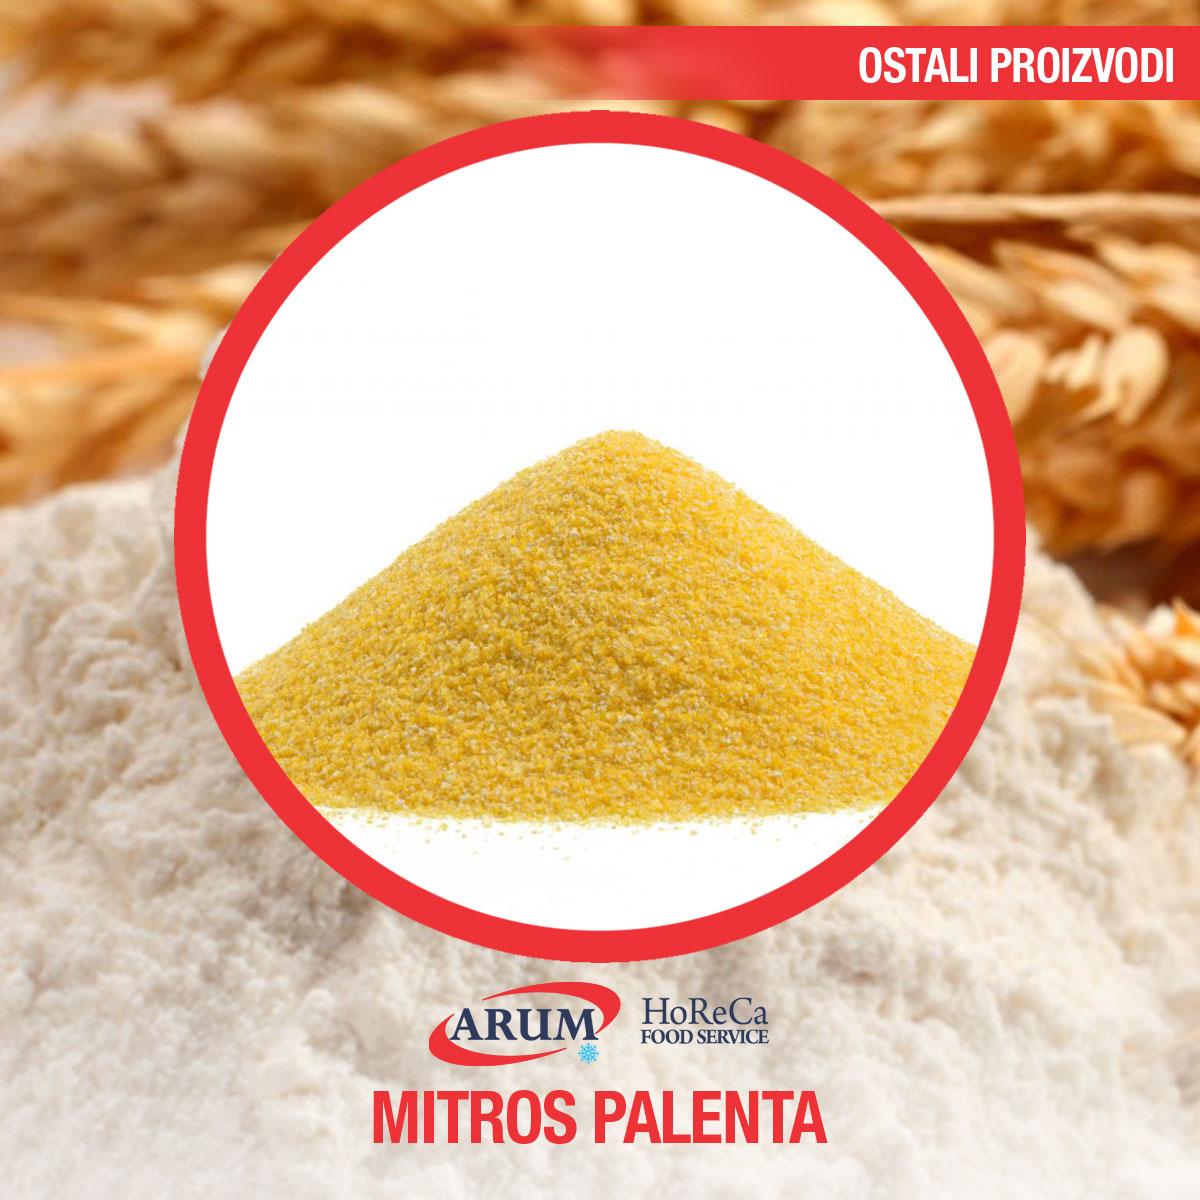 Mitros palenta 500g (36/1#)